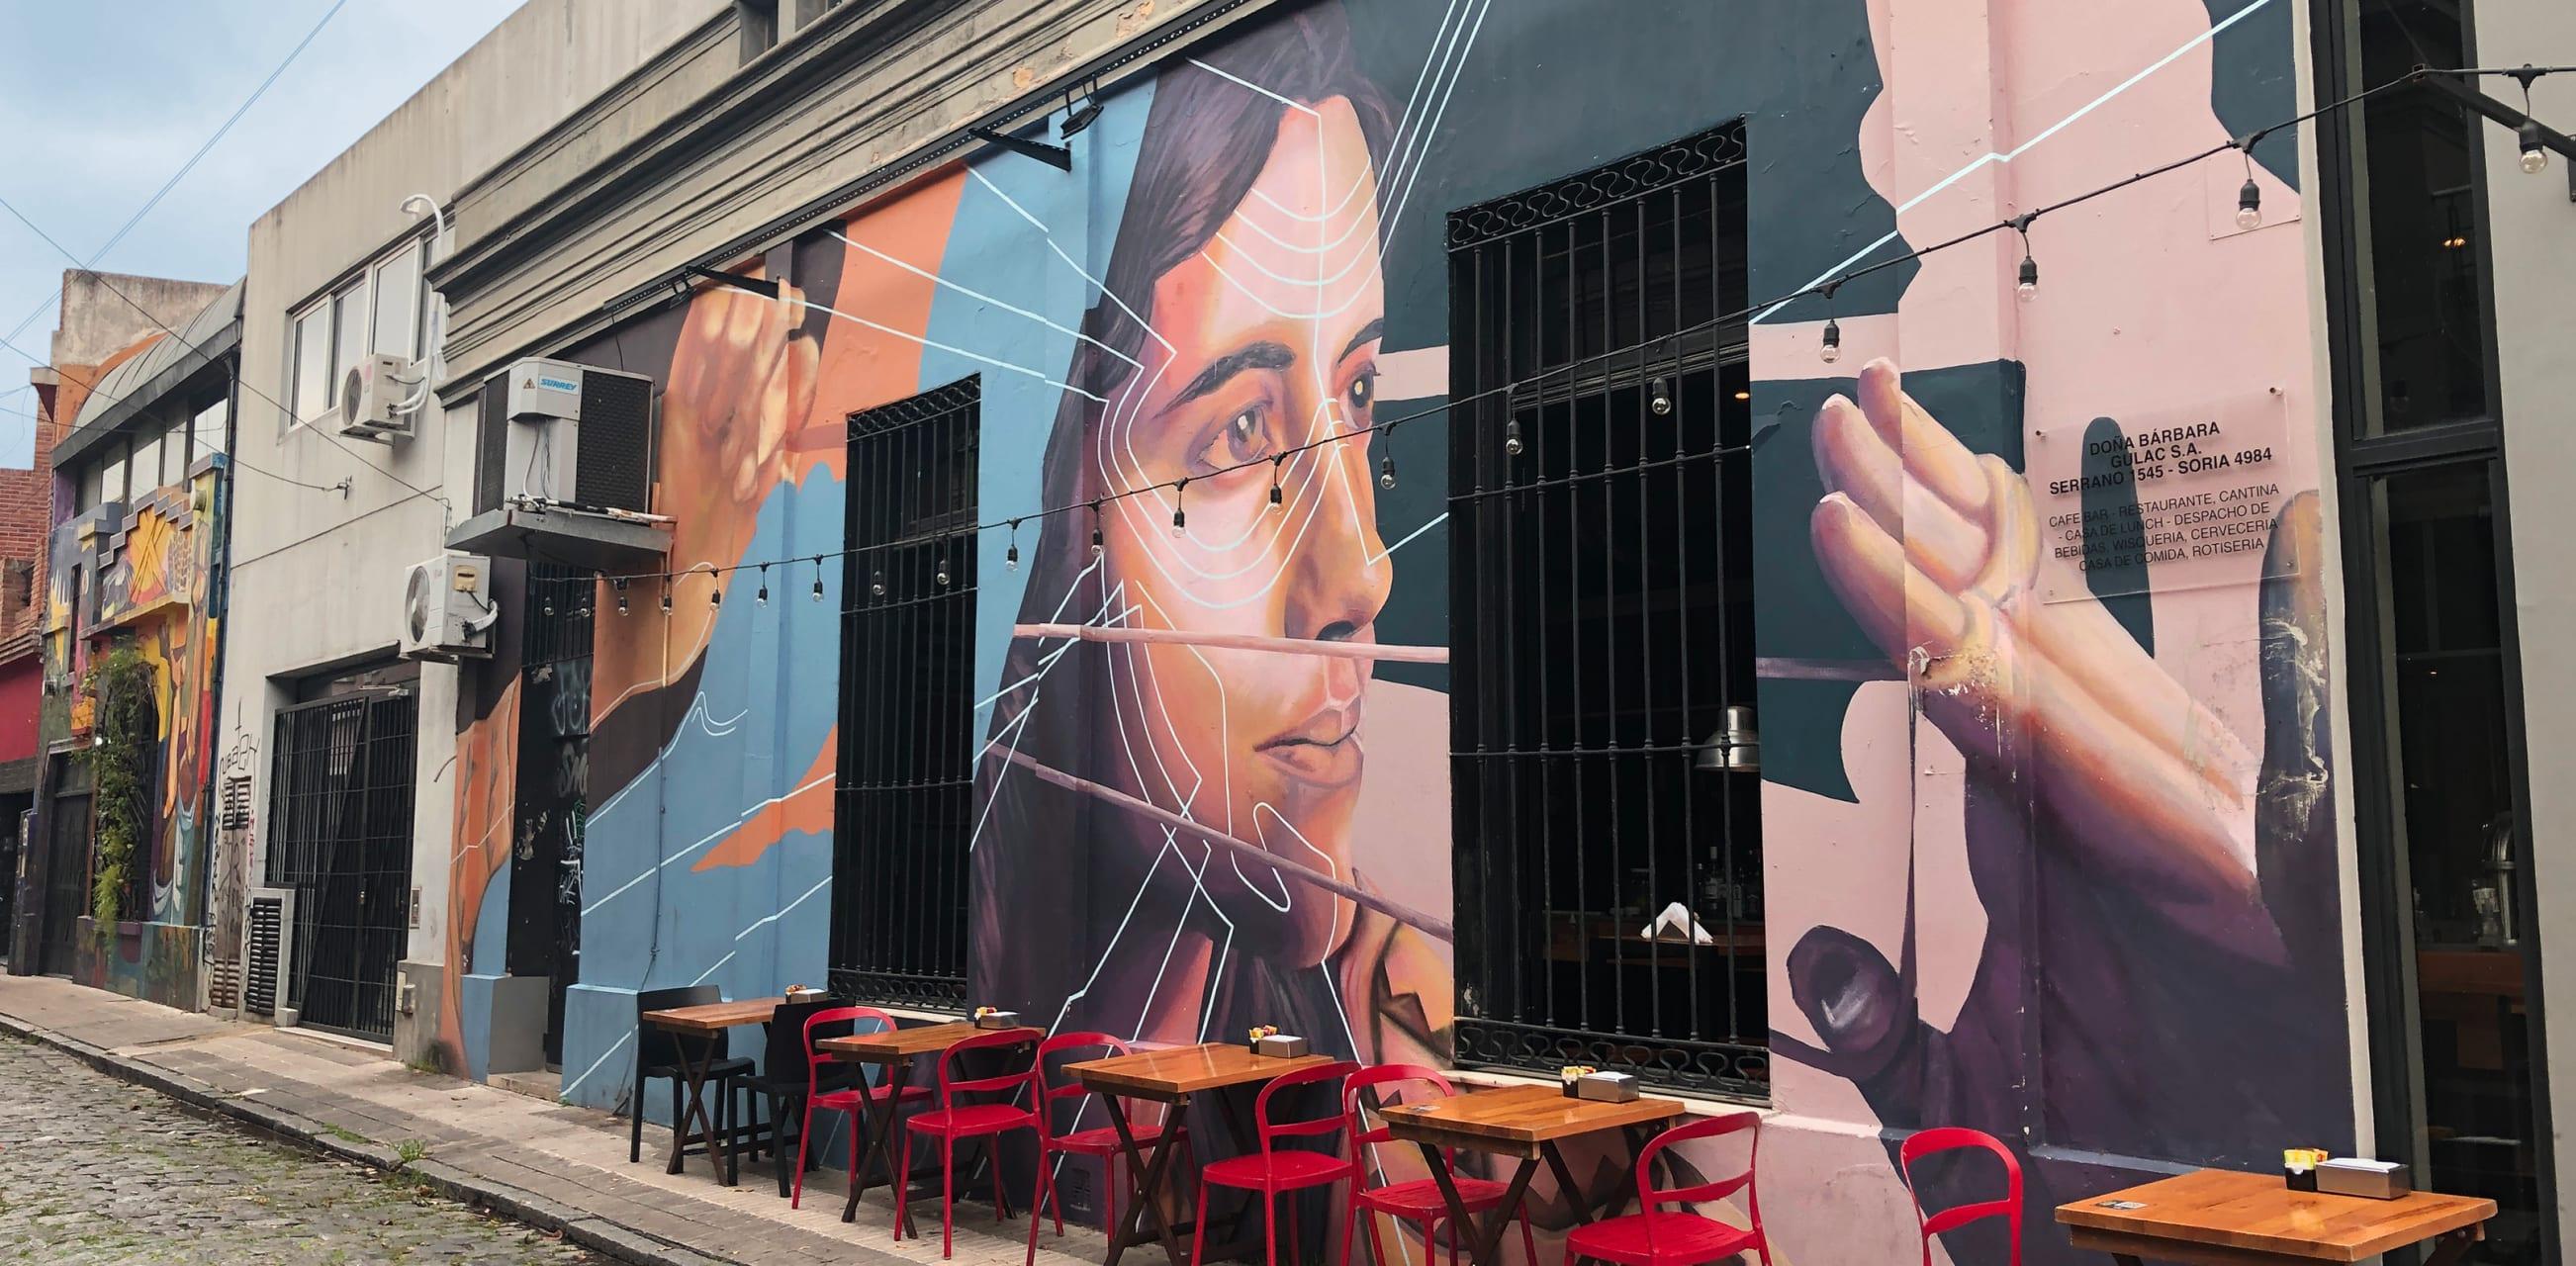 Buenos Aires - (TOUR IN SPANISH) Arte Urbano en los Pasajes de Palermo Soho